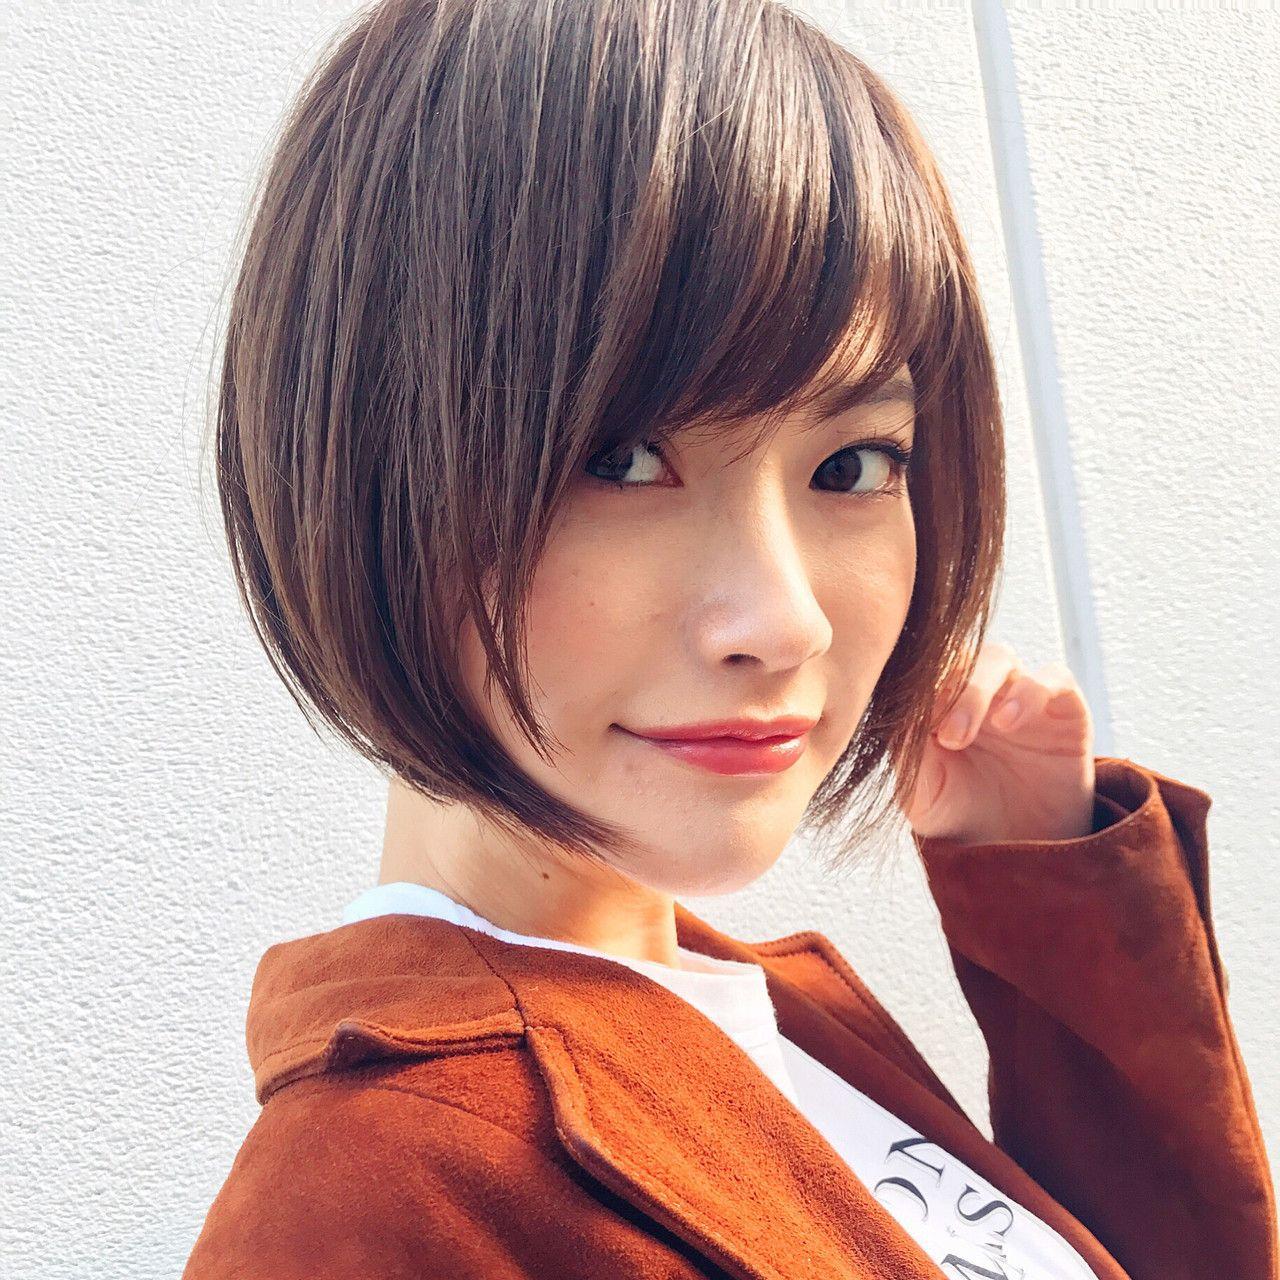 黒髪がベスト 丸顔さんに似合う髪型カタログ ヘアスタイル 髪型 ヘアカット